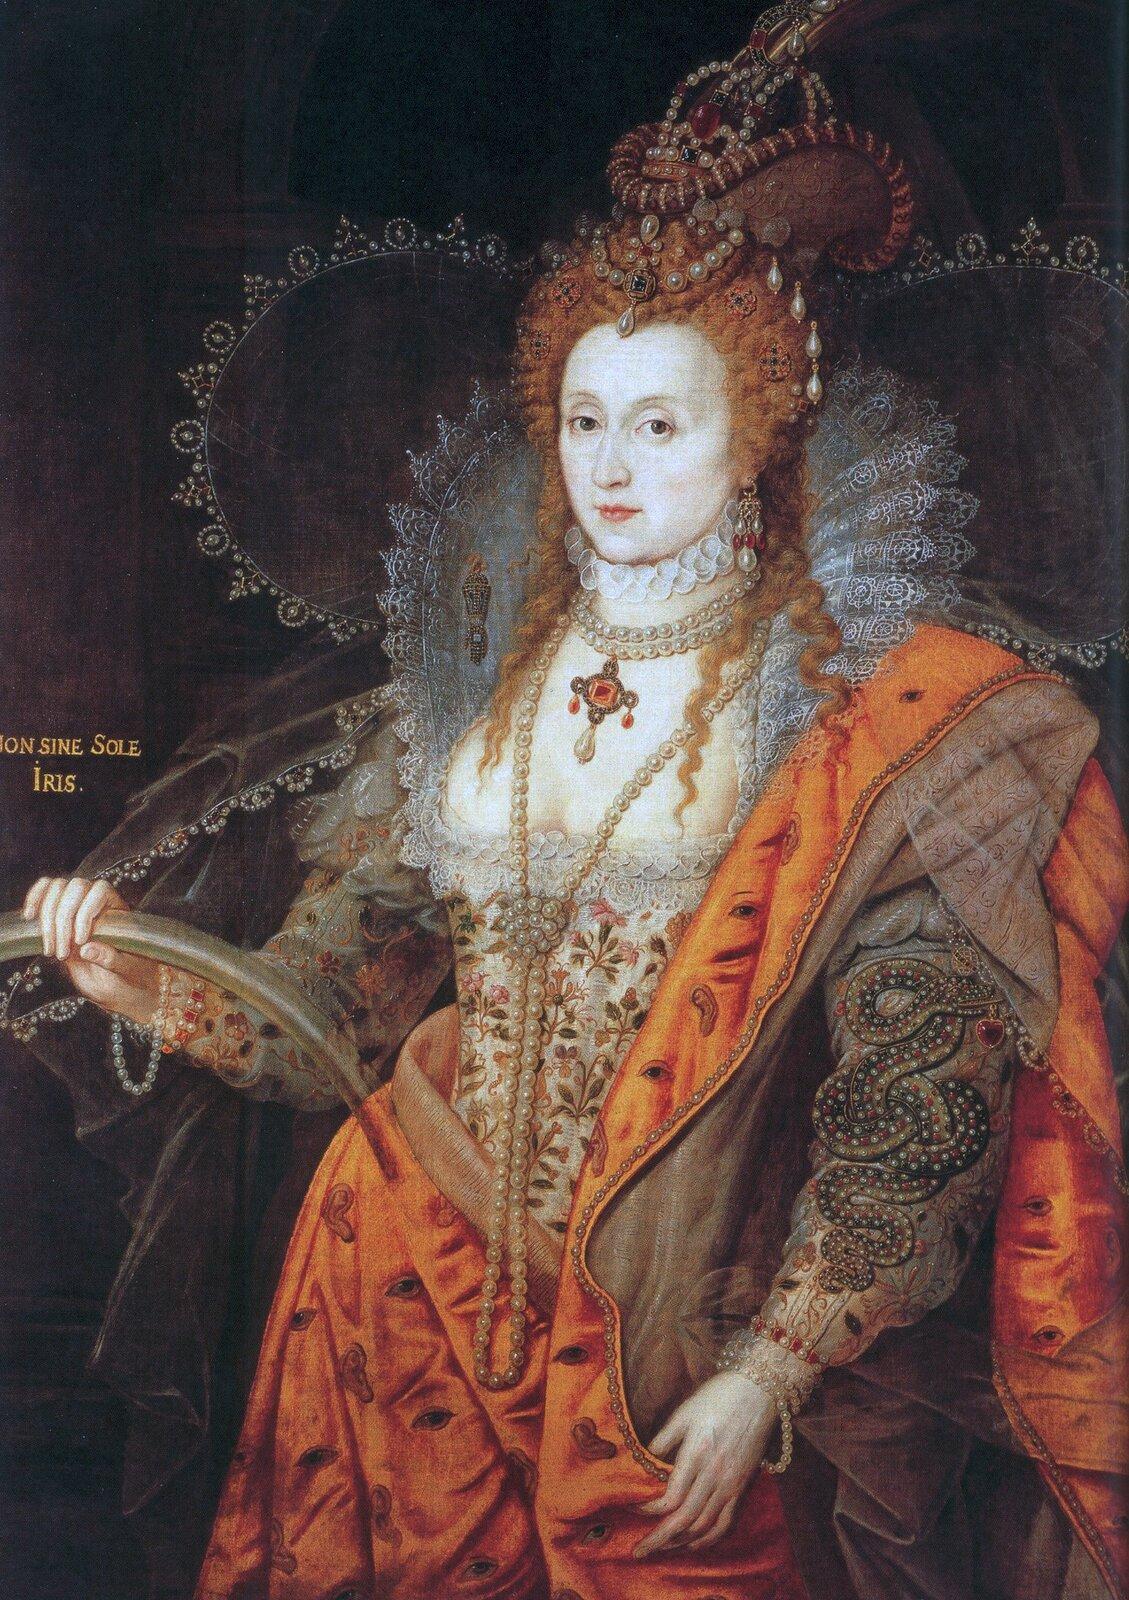 Tęczowy portret królowej Elżbiety IŹródło: Isaac Oliver, Tęczowy portret królowej Elżbiety I, ok. 1600–1602, olej na płótnie, kolekcja markiza Salisbury wHatfield House (Anglia), domena publiczna.